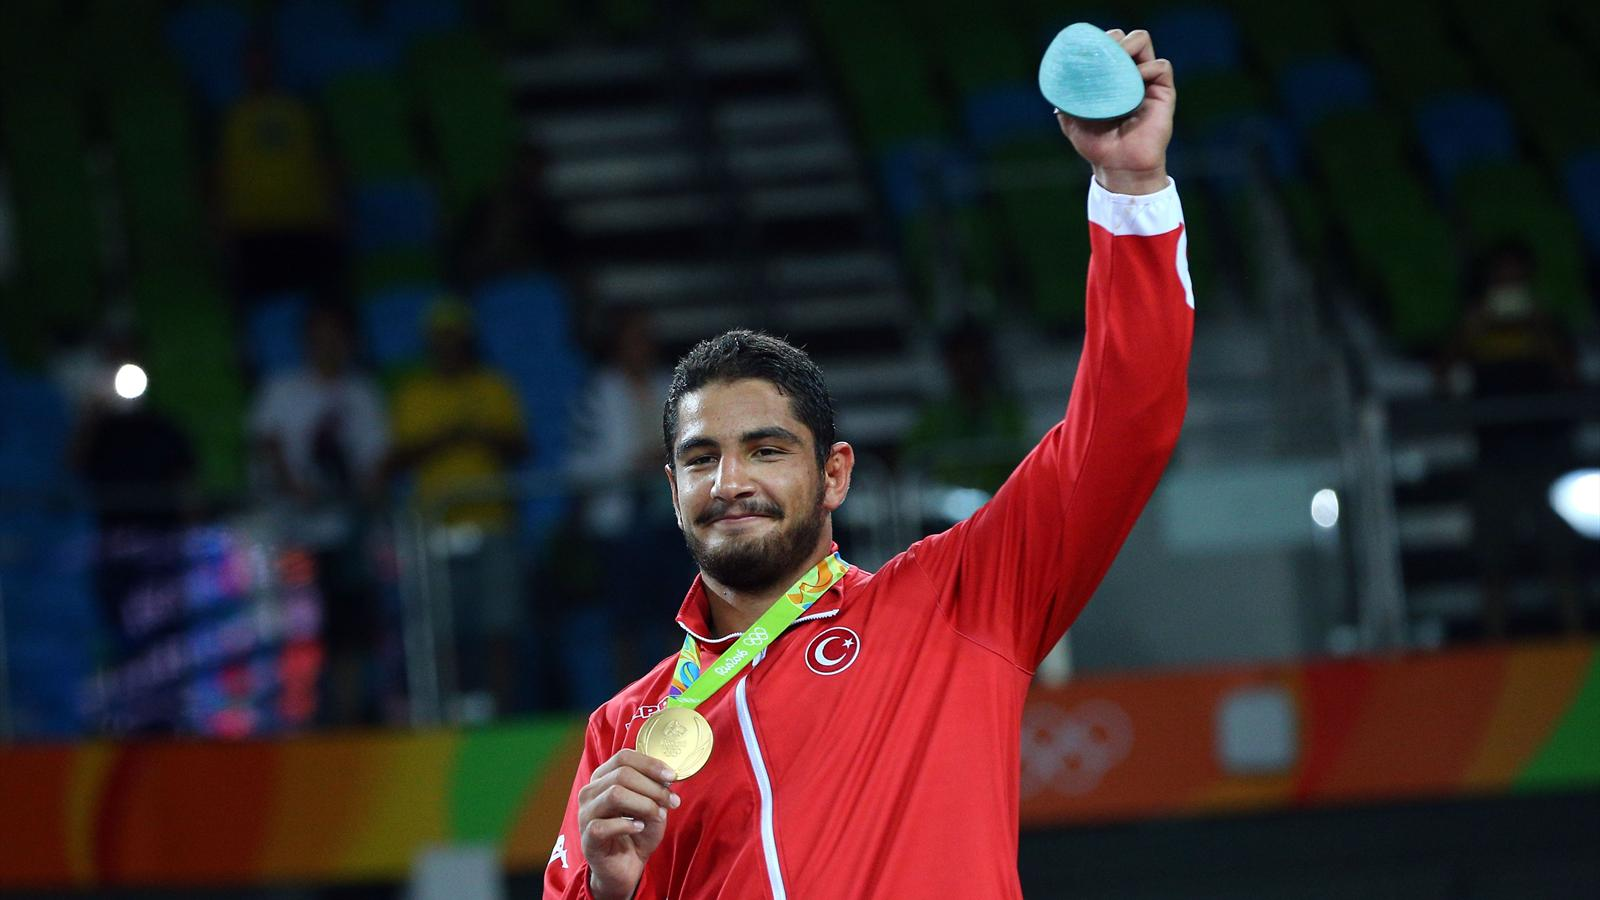 Türkiye, Rio Olimpiyat Oyunlarındaki ilk altın madalyasını kazandı